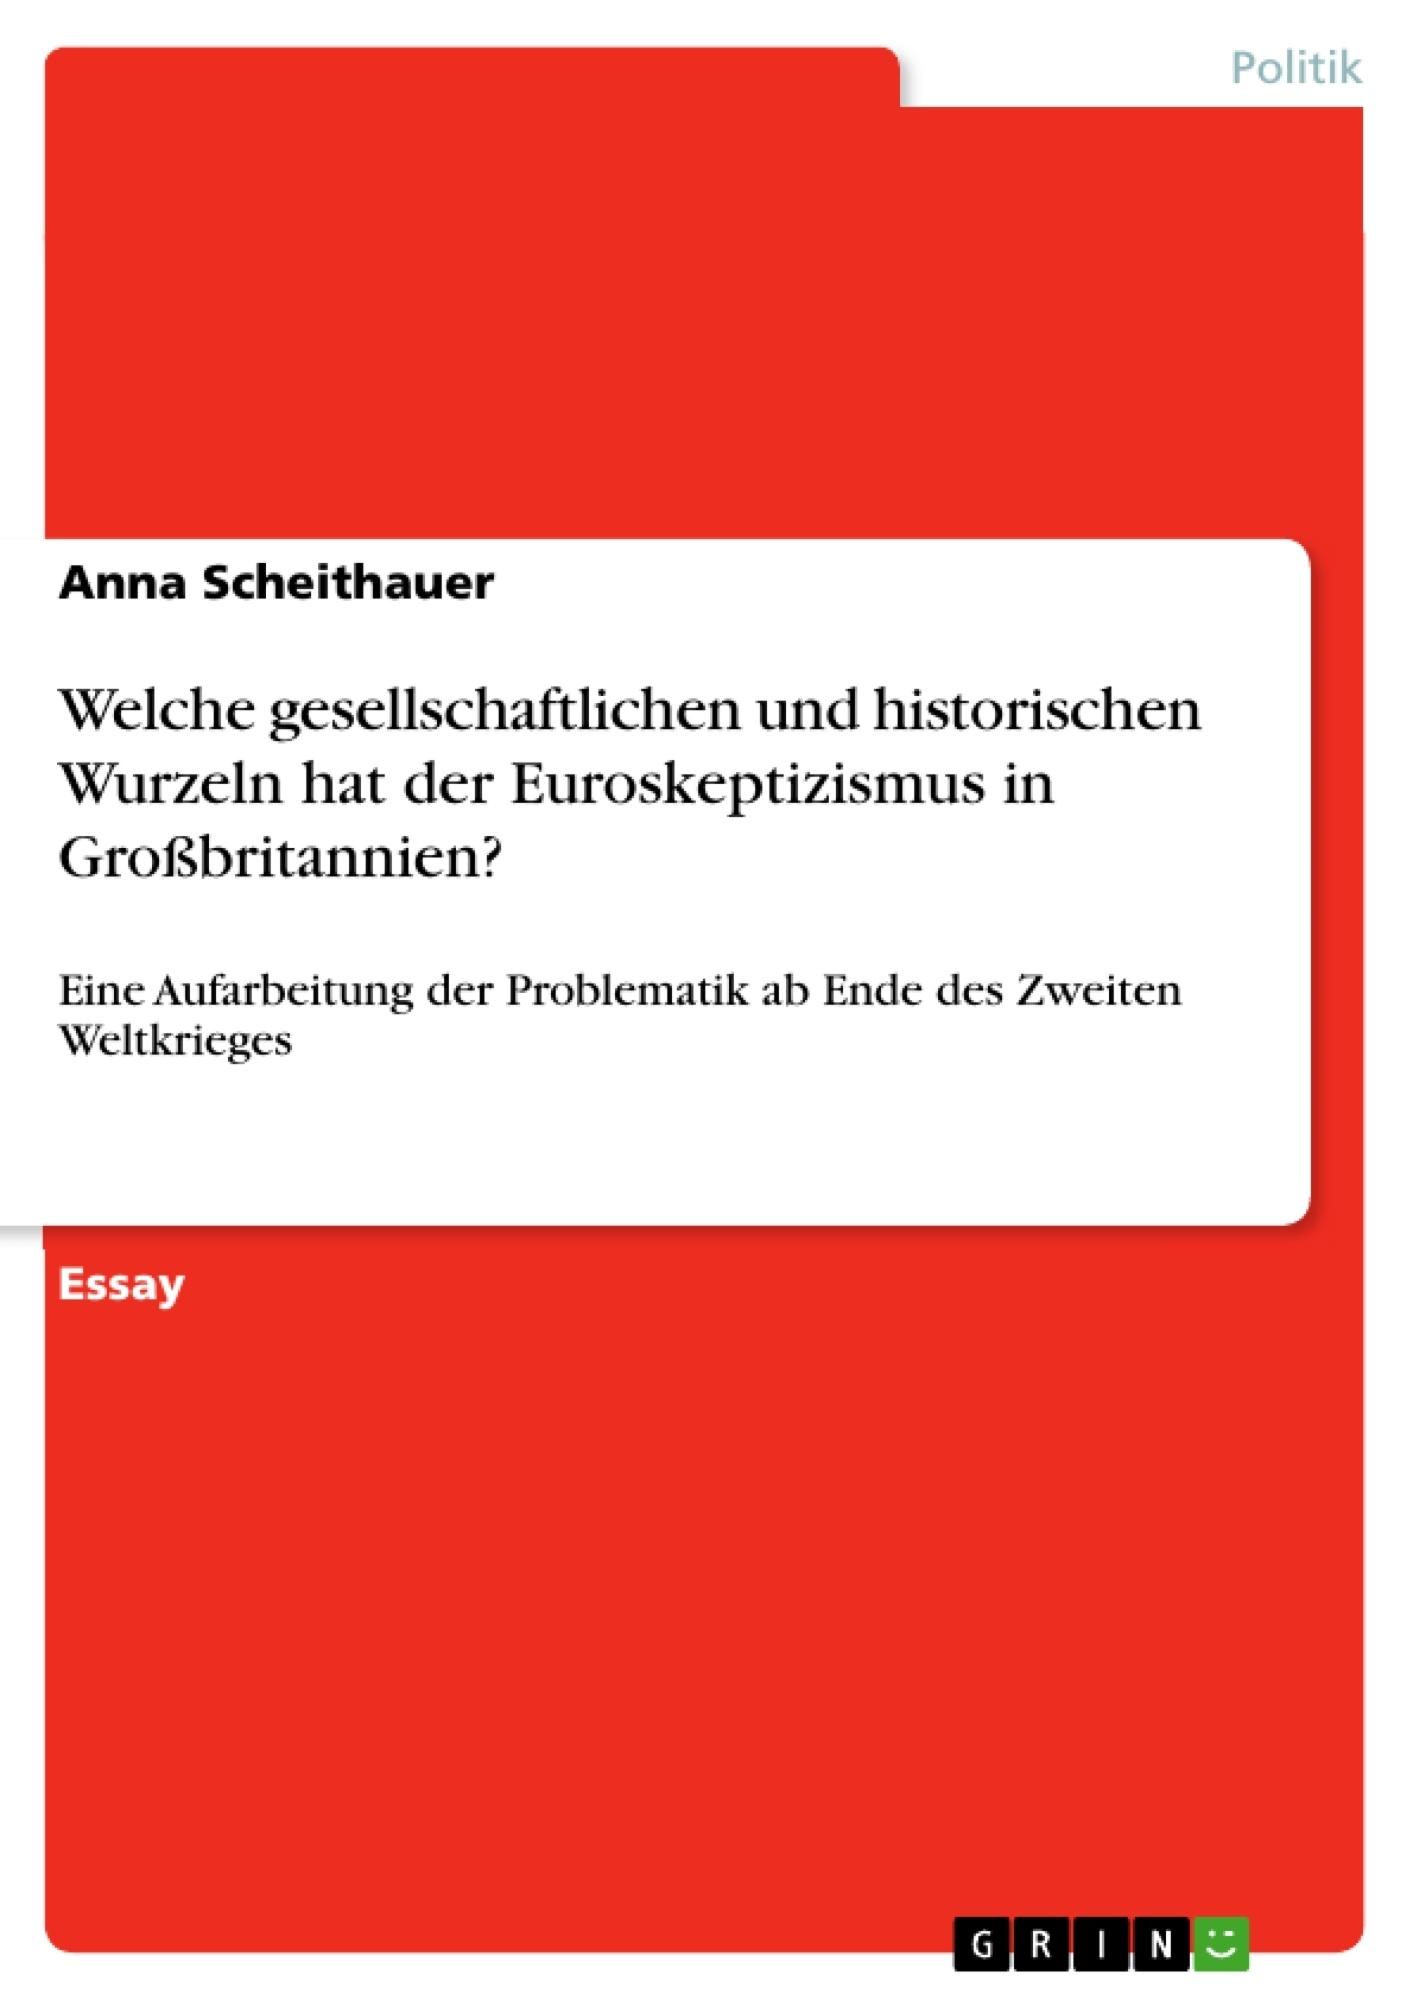 Titel: Welche gesellschaftlichen und historischen Wurzeln hat der Euroskeptizismus in  Großbritannien?